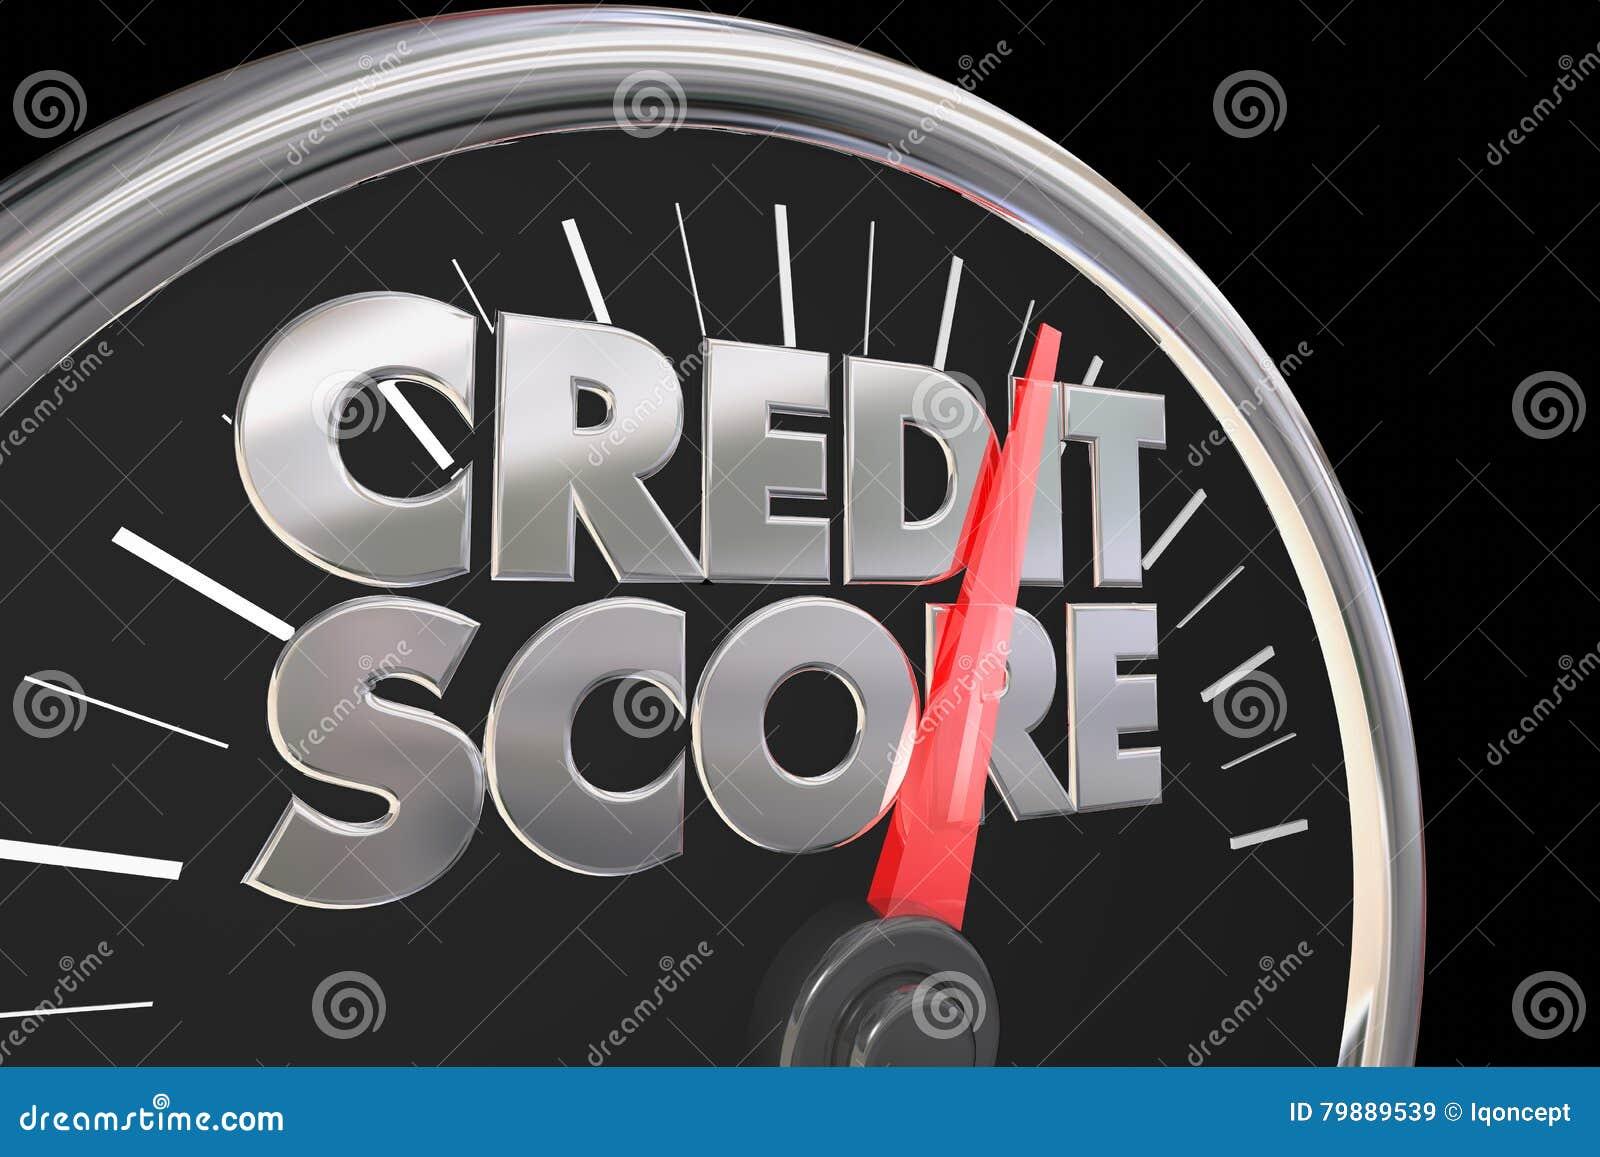 Der bessere Kreditscore-Geschwindigkeitsmesser verbessern Bewertungs-Zahl